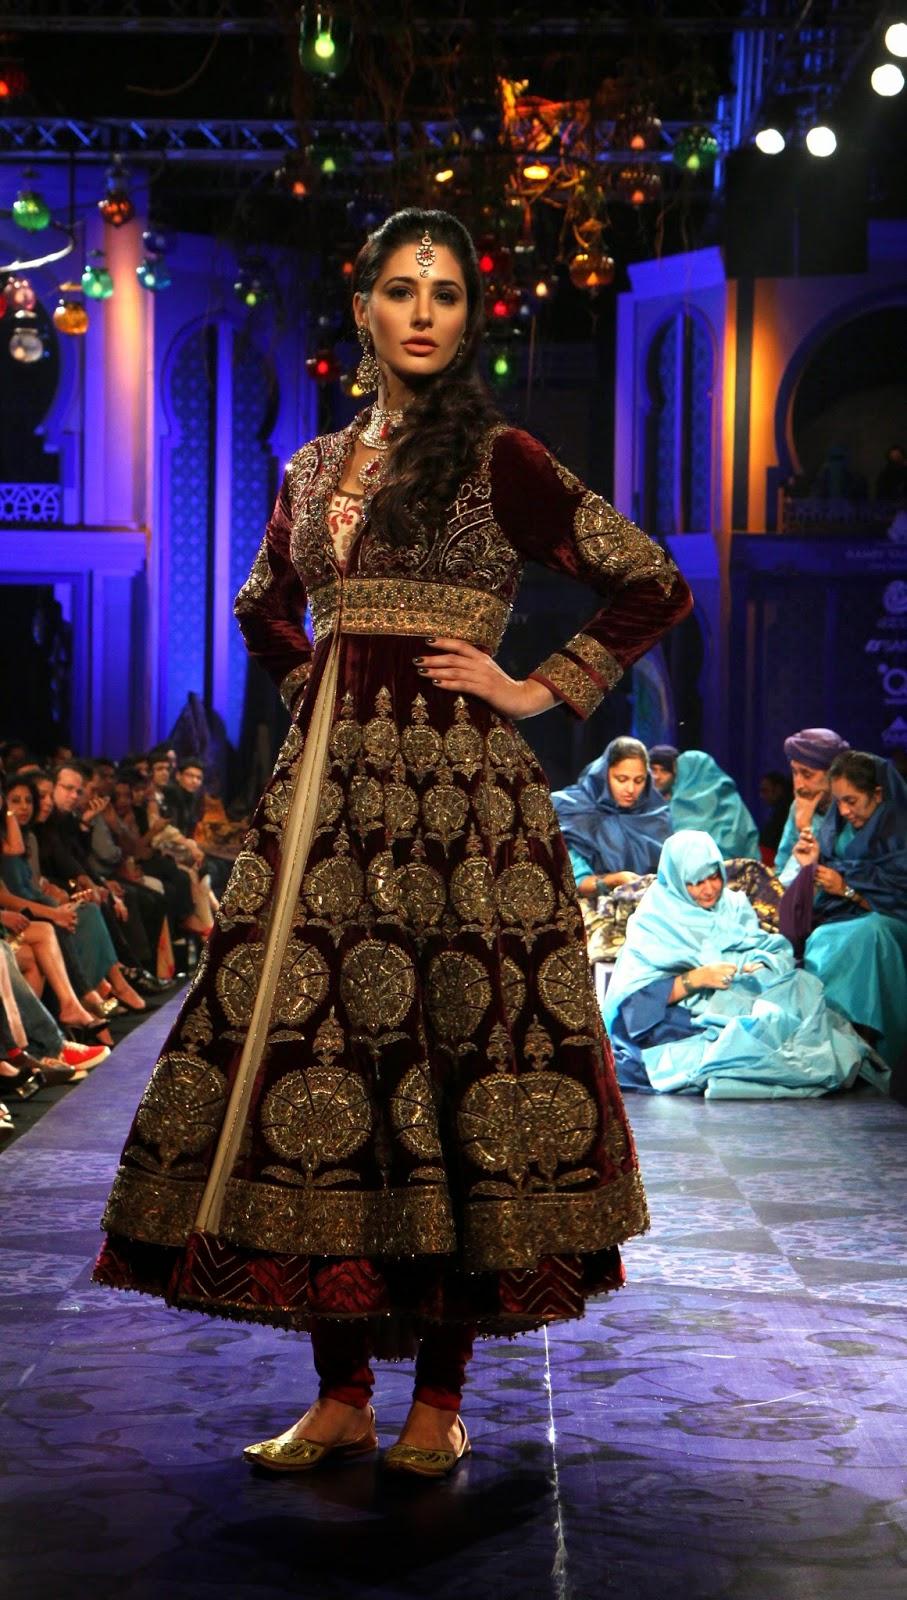 Fantastic HD Pictures of Nargis Fakhri | HD Wallpapers of Nargis Fakhri